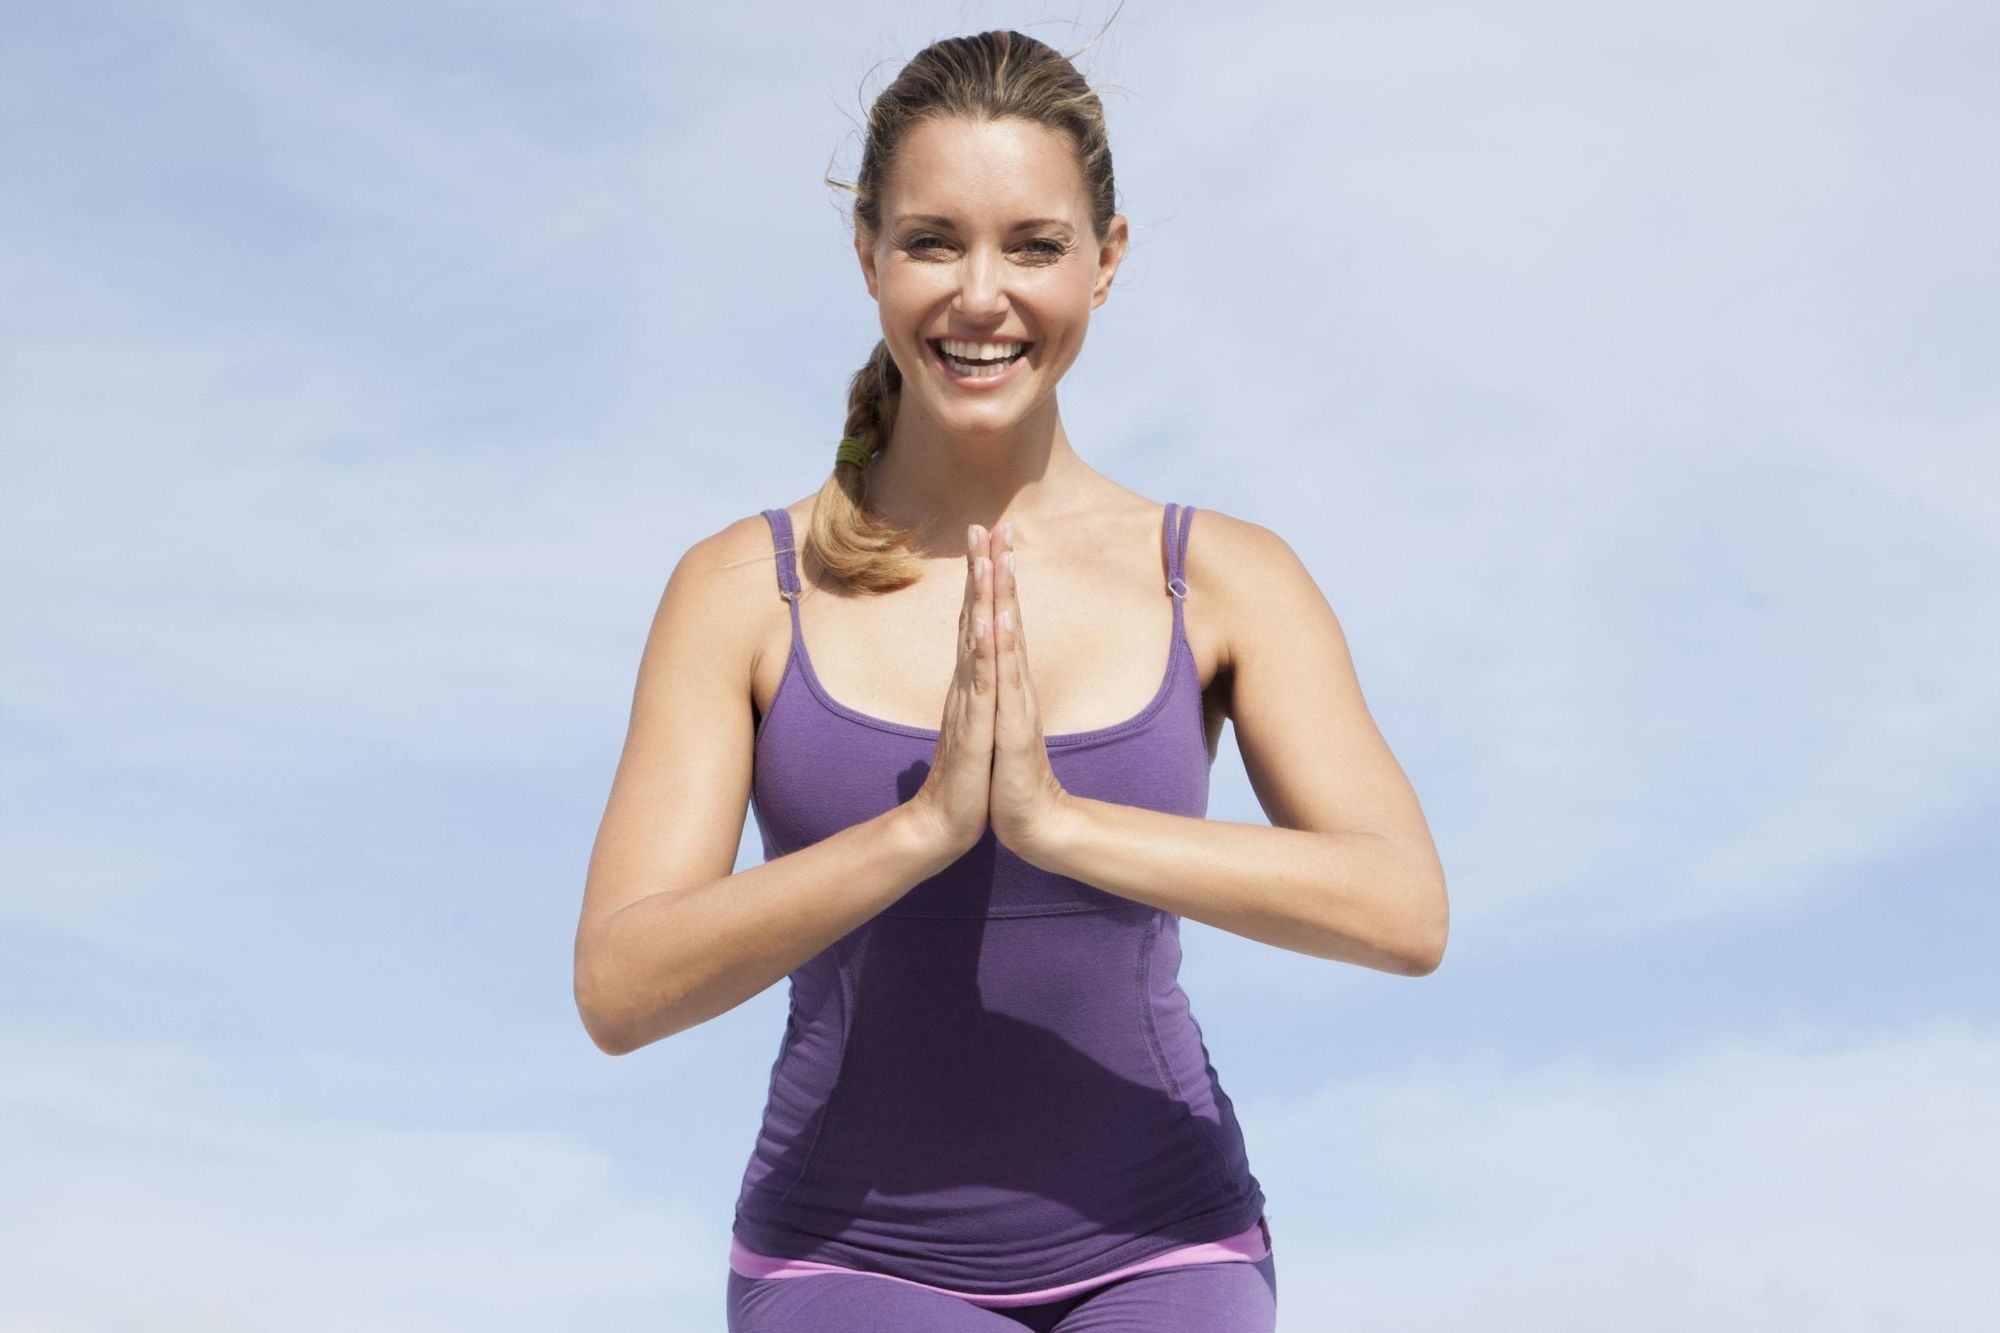 Pratique du yoga - Où et Comment pratiquer le yoga - Doctissimo e6854fb2a92